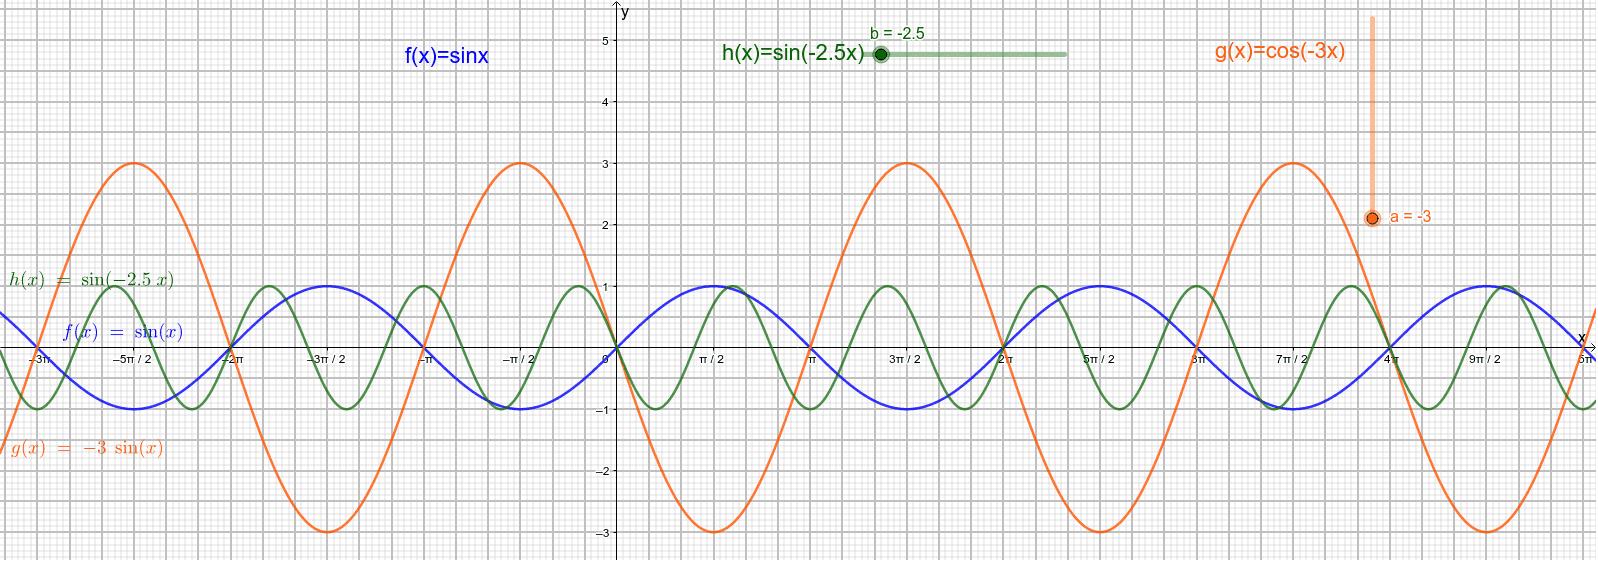 funkcje f(x) = sin x,    g(x) = a sin x,     h(x) = sin(bx) Naciśnij klawisz Enter, aby rozpocząć aktywność